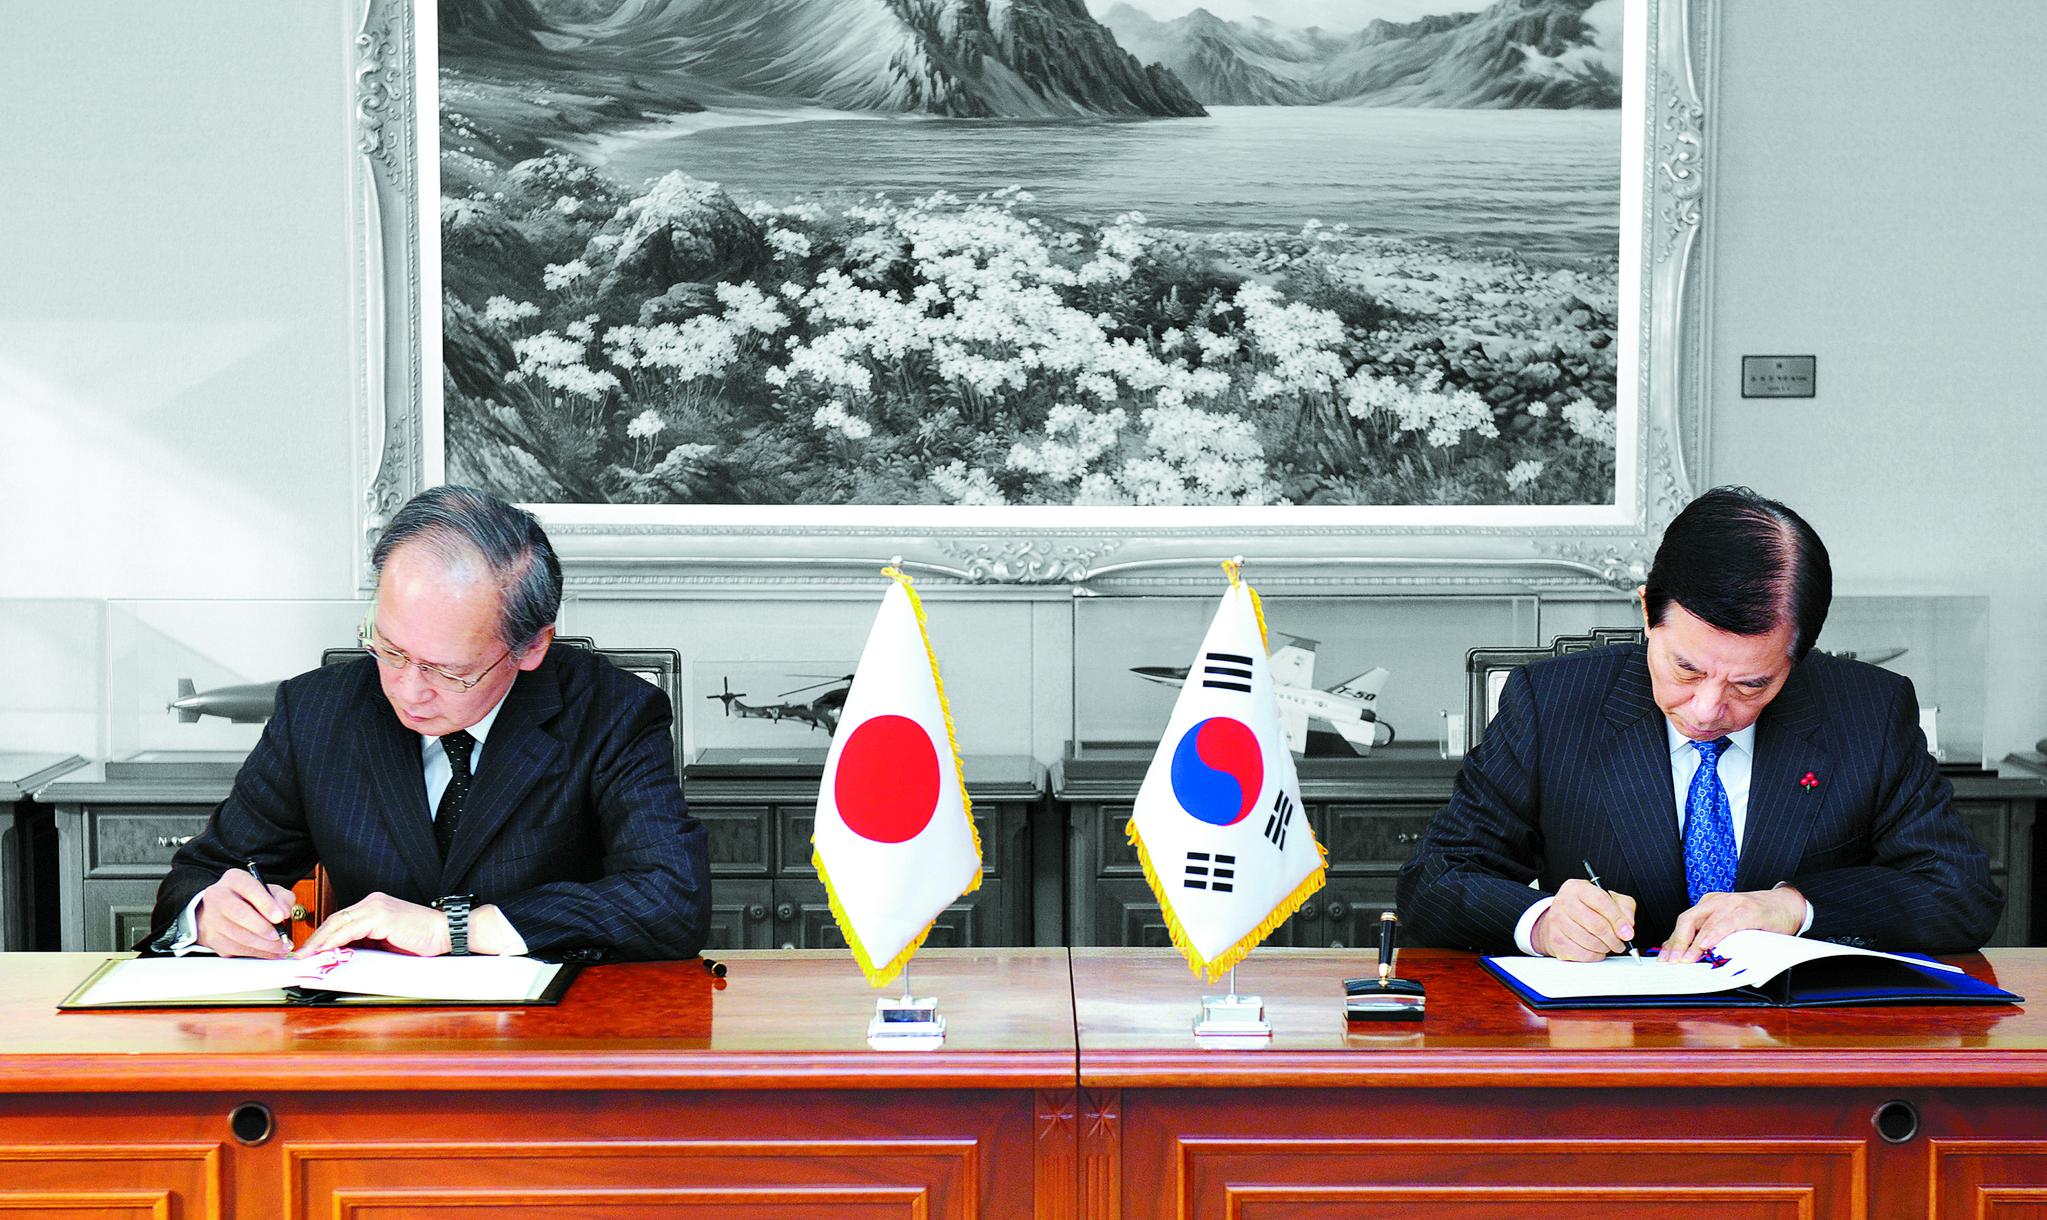 한일 양국은 지난 2016년 11월 23일 군사정보보호협정(GSOMIA ·지소미아)을 체결했다. 한민구 당시 국방장관(오른쪽)과 나가미네 야스마사 주한 일본대사(왼쪽)가 국방부 청사에서 협정에 서명했다. [국방부]